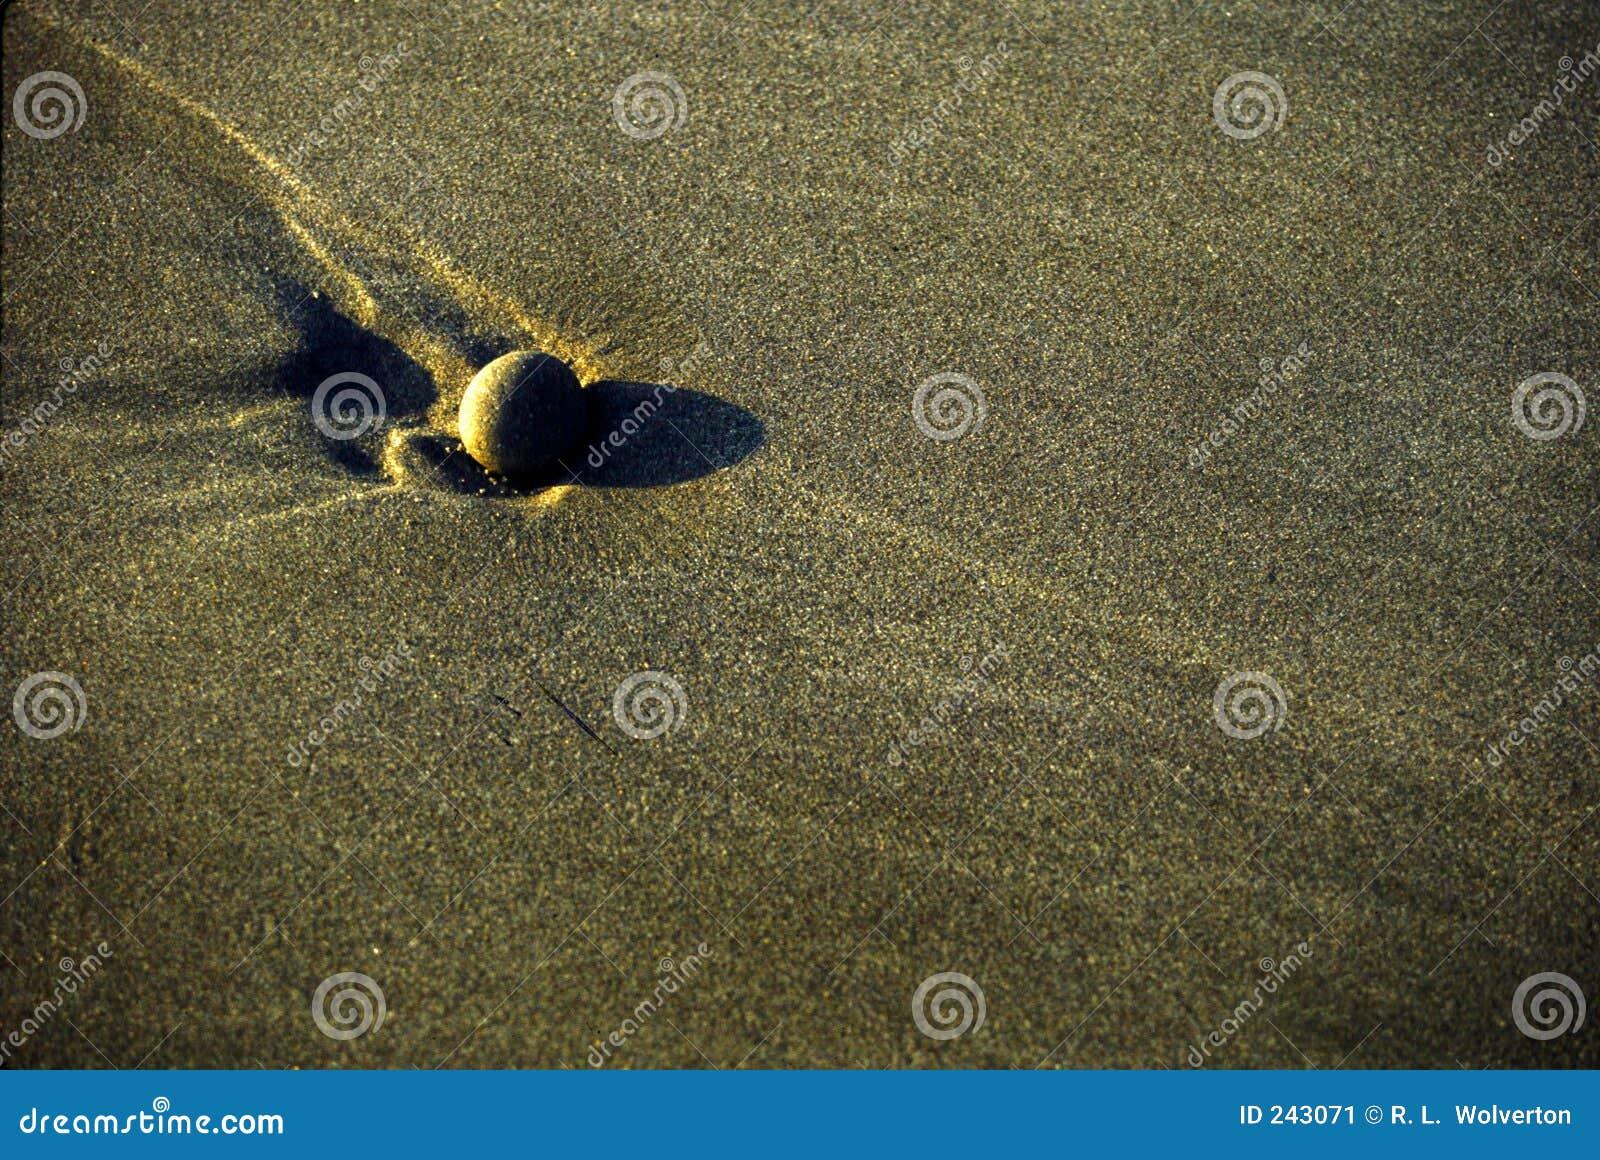 Strandpebble